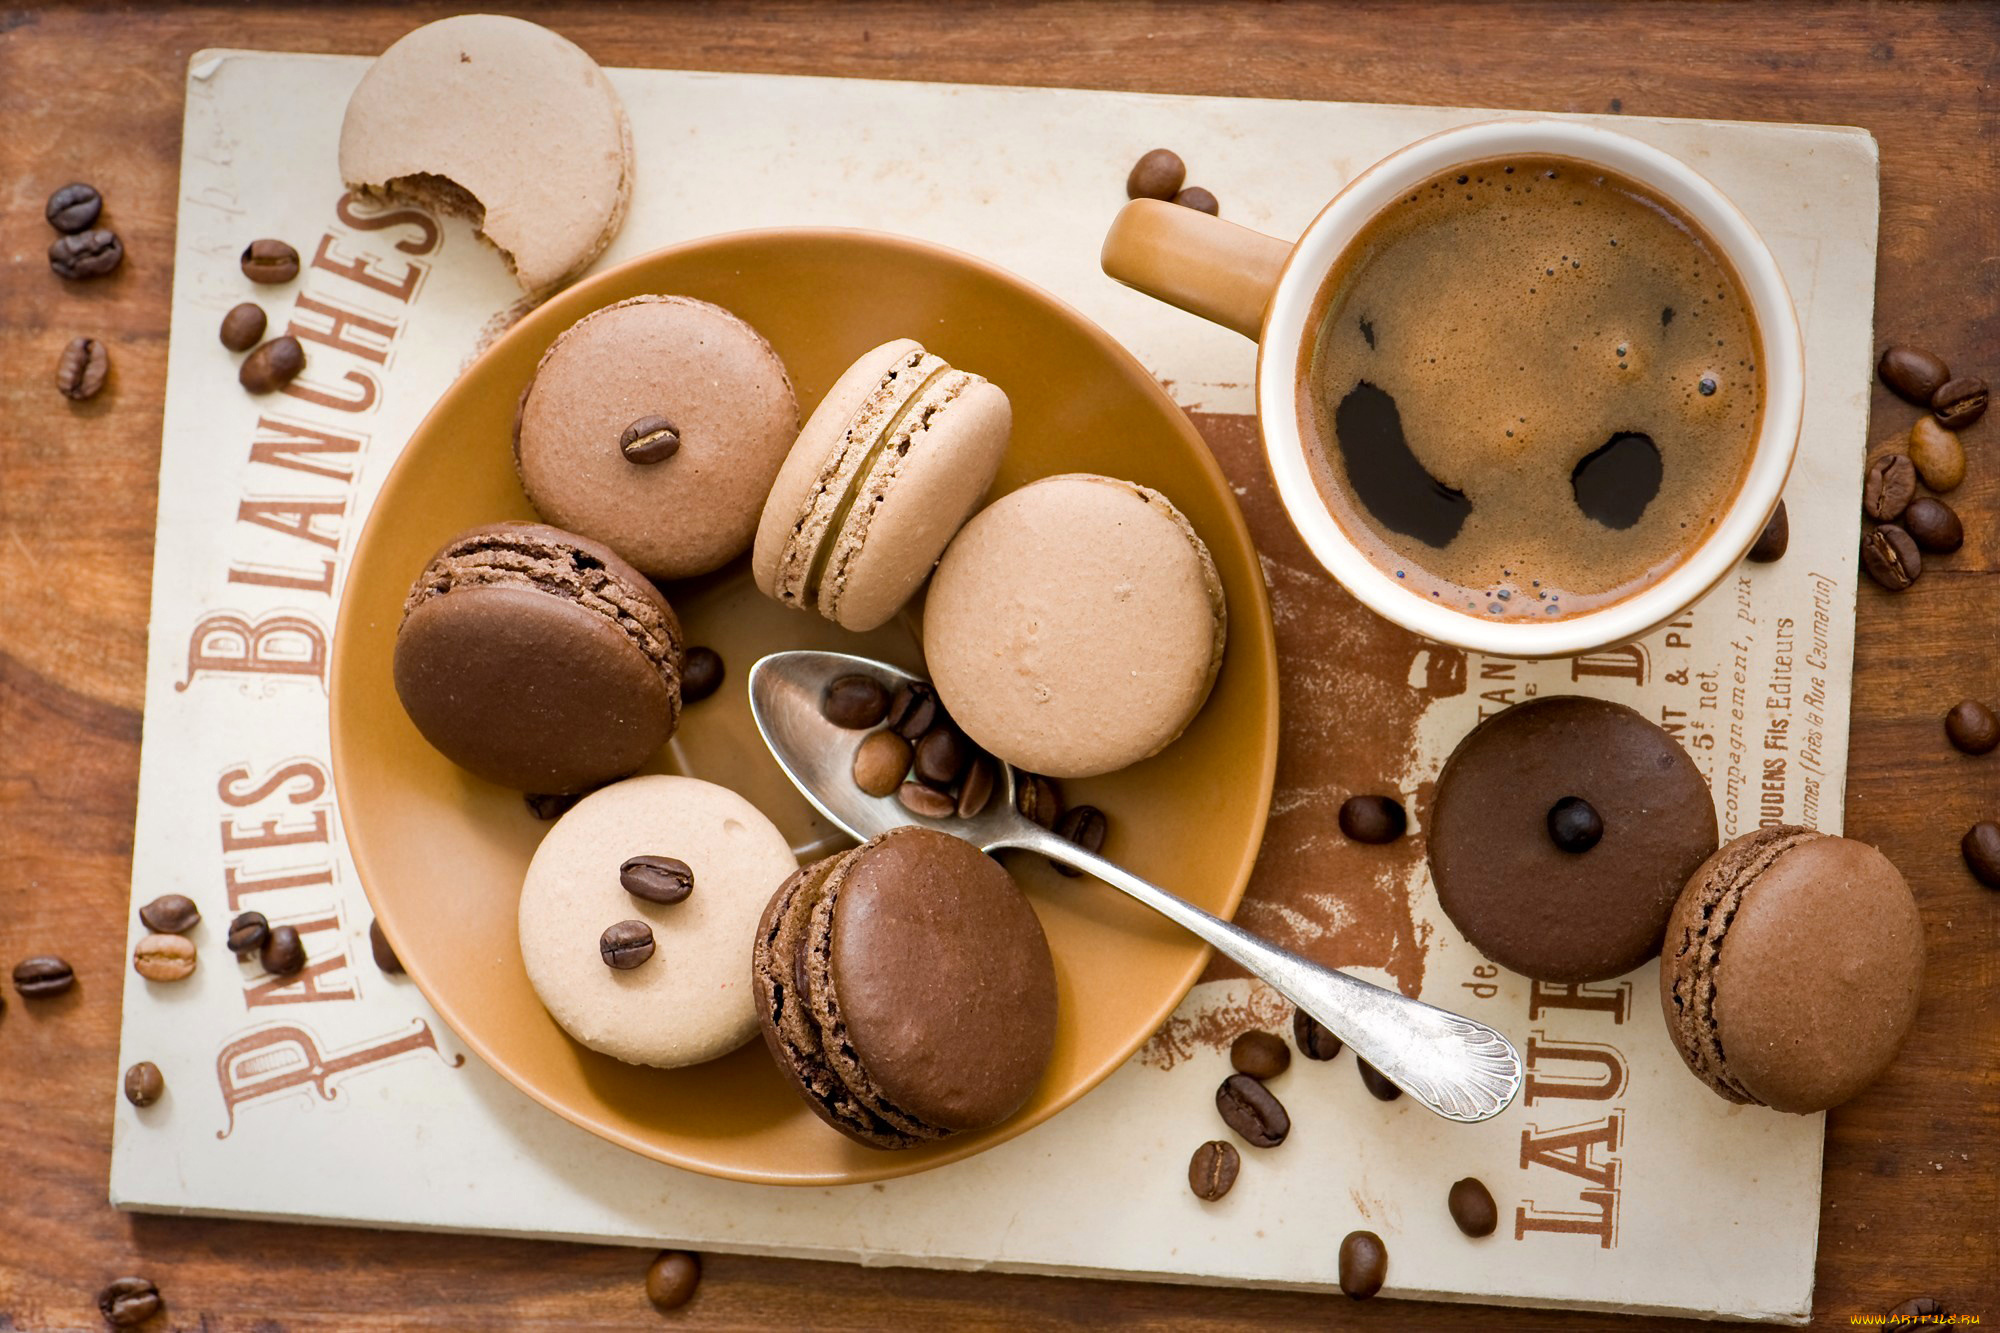 кофе со сладостями  № 140242 загрузить